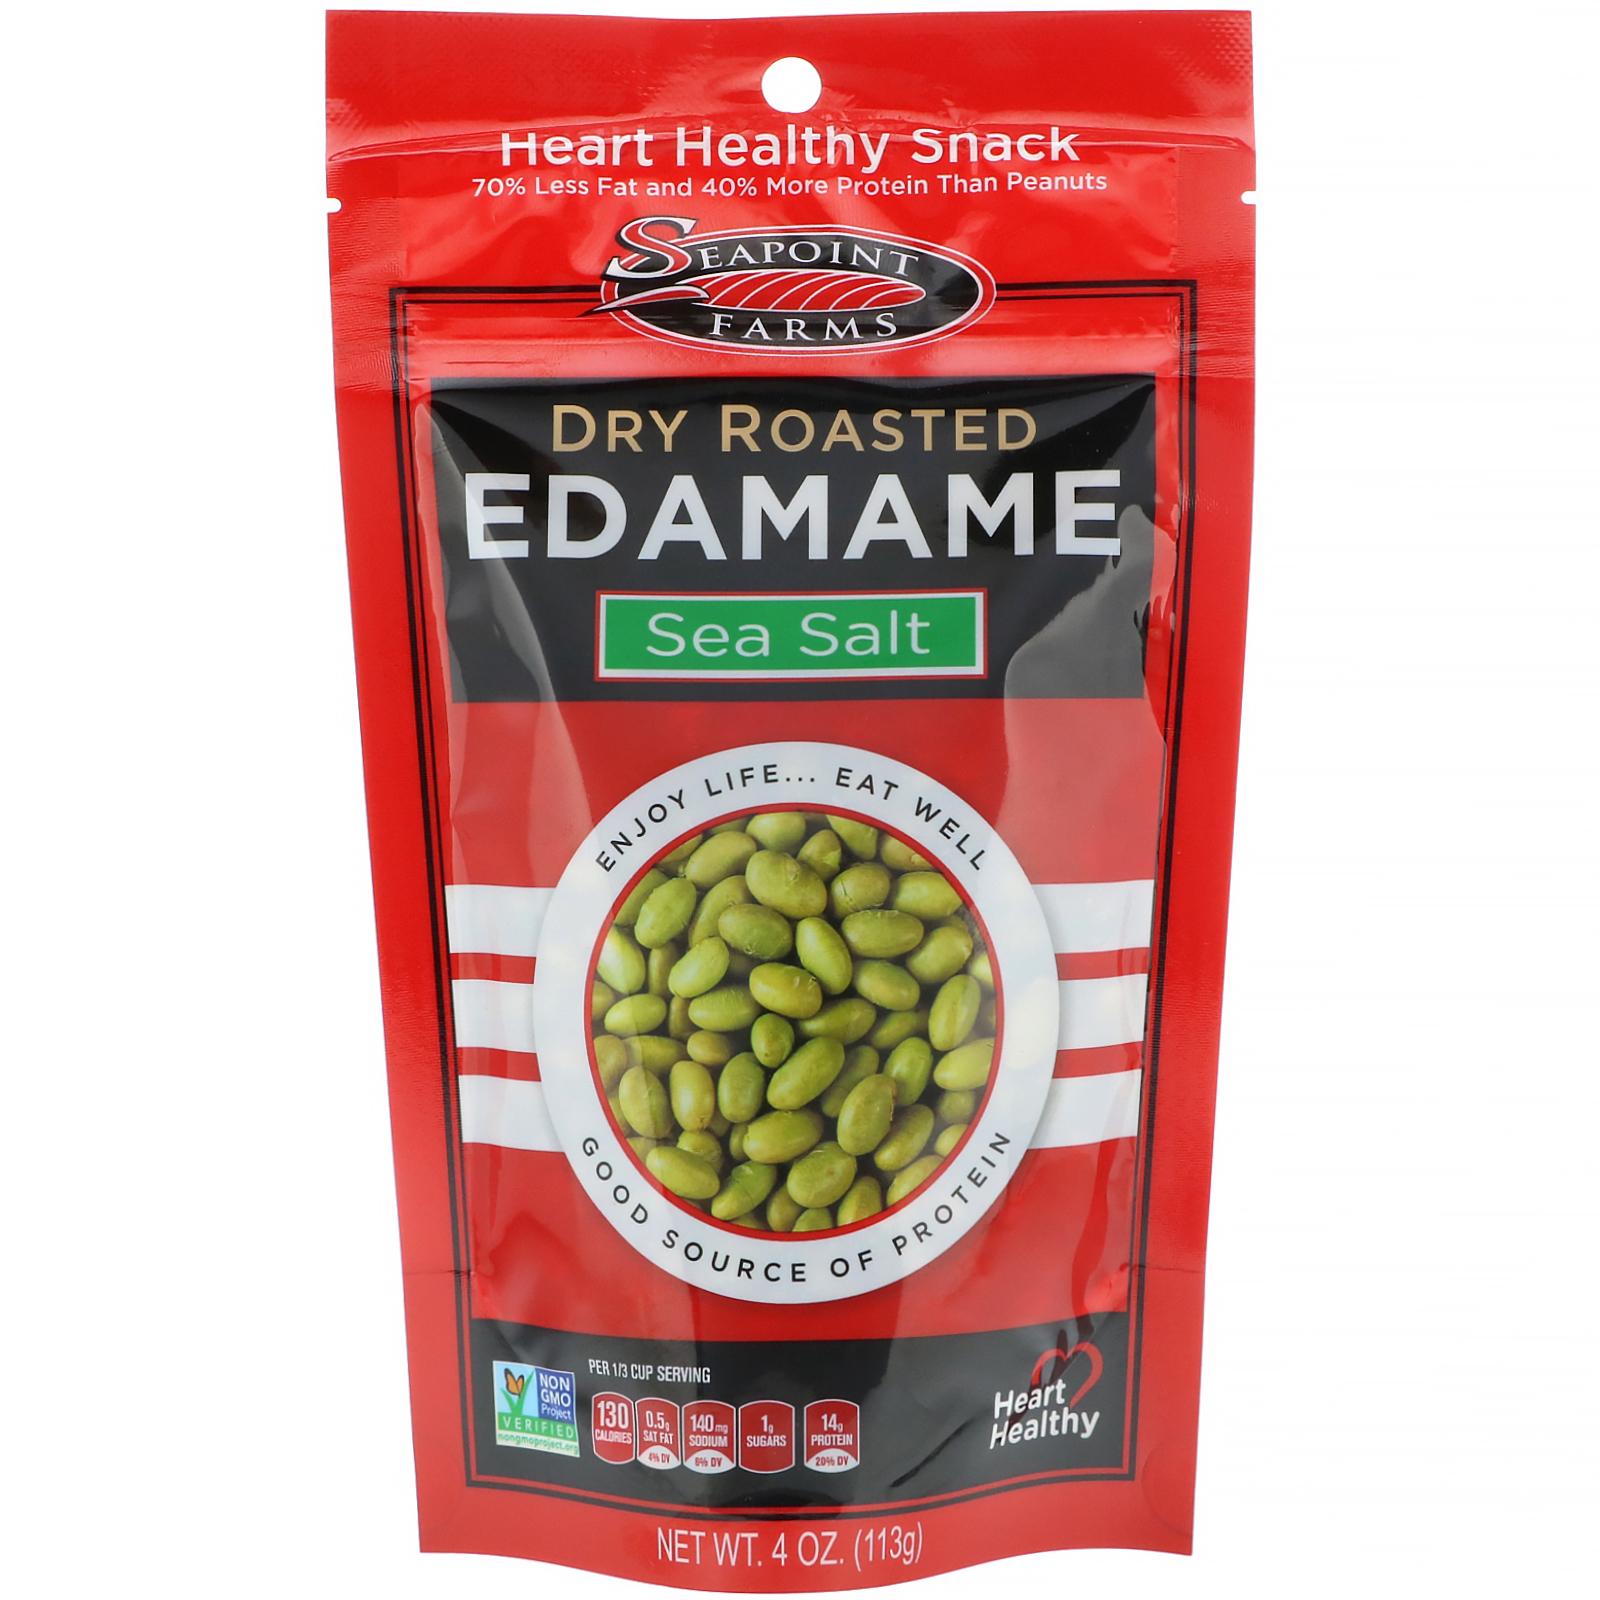 Dry Roasted Edamame, Sea Salt, 4 oz